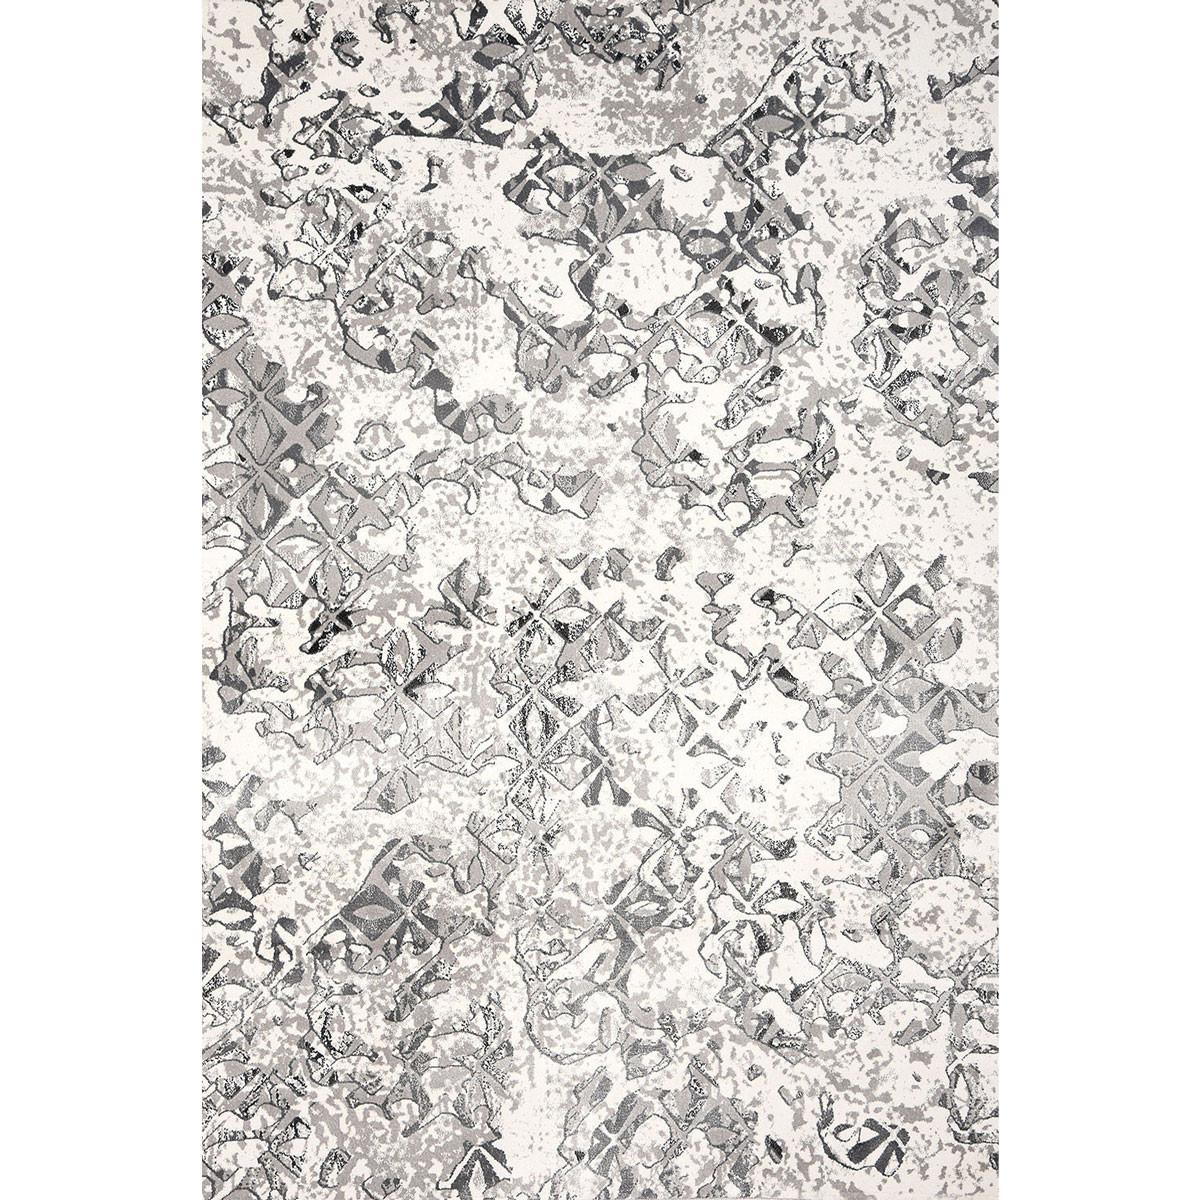 Χαλιά Κρεβατοκάμαρας (Σετ 3τμχ) Colore Colori Grey Art 7301